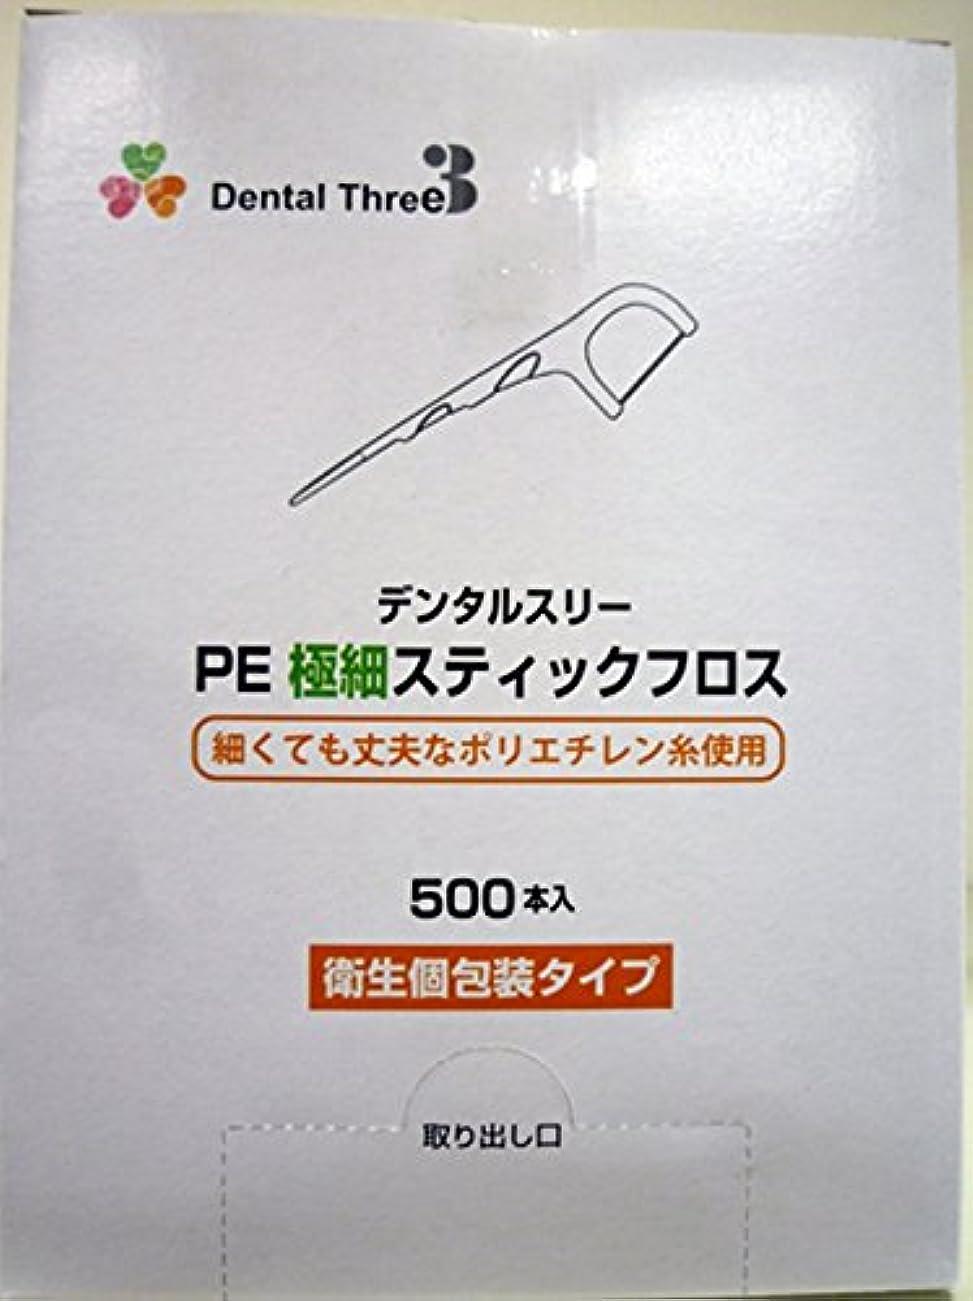 盆品呼吸デンタルスリー PE極細スティックフロス 500本入